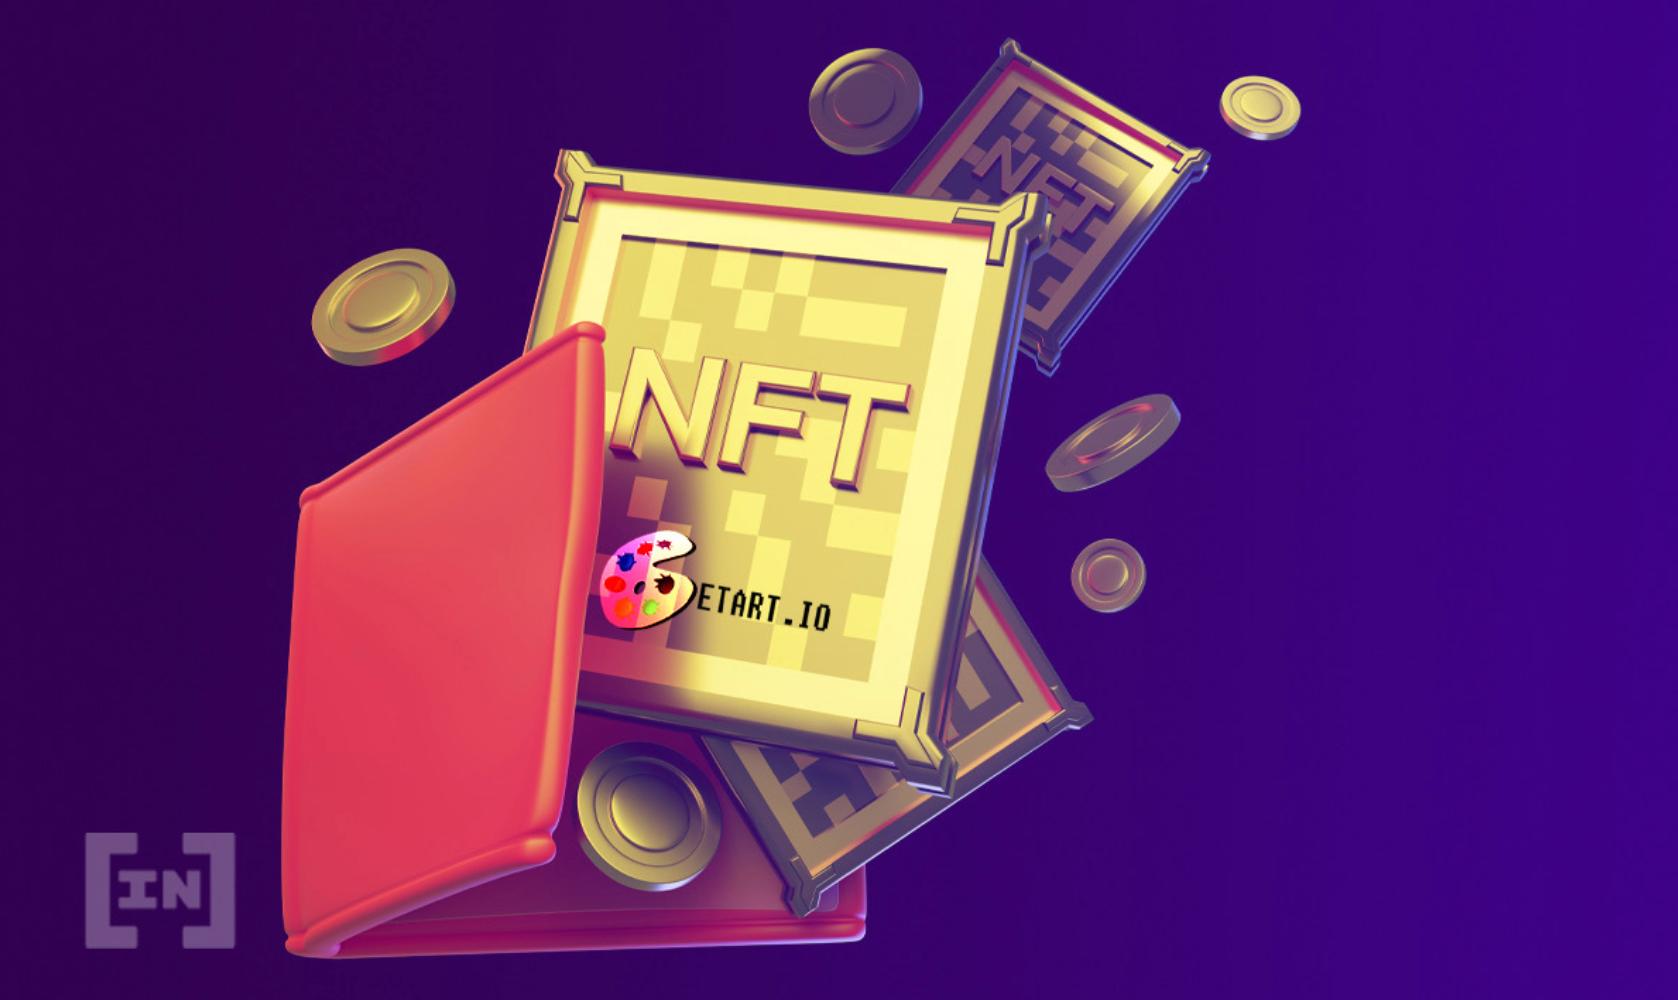 La plupart des projets NFT s'effondreront lorsque Bitcoin atteindra 100 000 $, selon les propos d'un expert